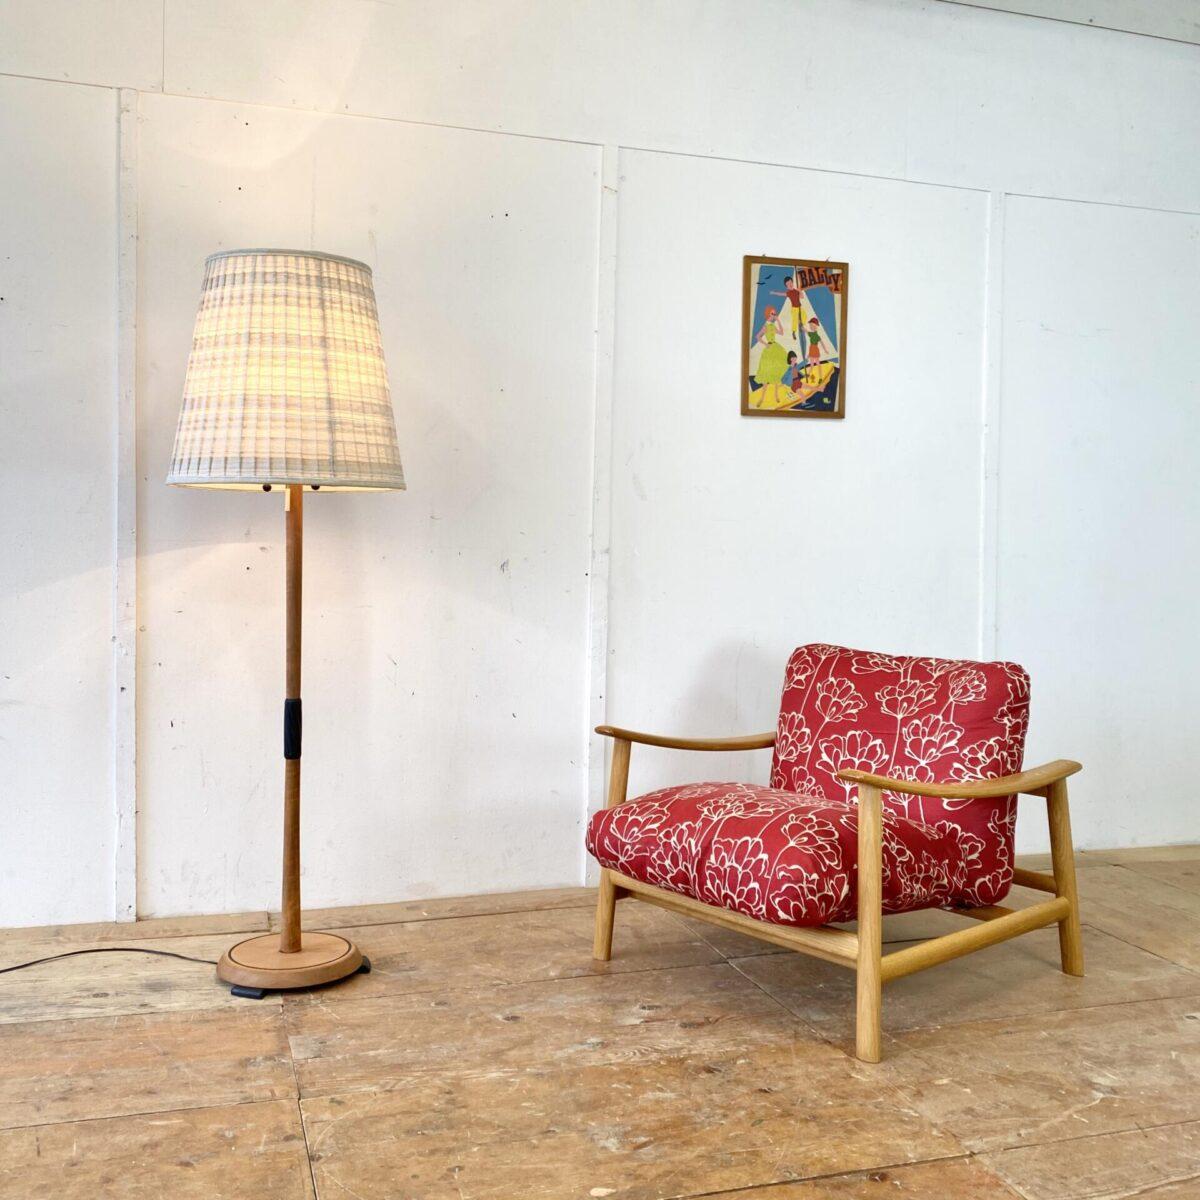 Deuxieme.shop Easy Chair midcentury Cocktail Sessel. Sessel Sushi von Carlo Colombo für Zanotta. 80x80cm Sitzhöhe ca. 40cm. Das Holzgestell ist aus Eichenholz,der Stoff ist in gepflegtem guten Zustand.